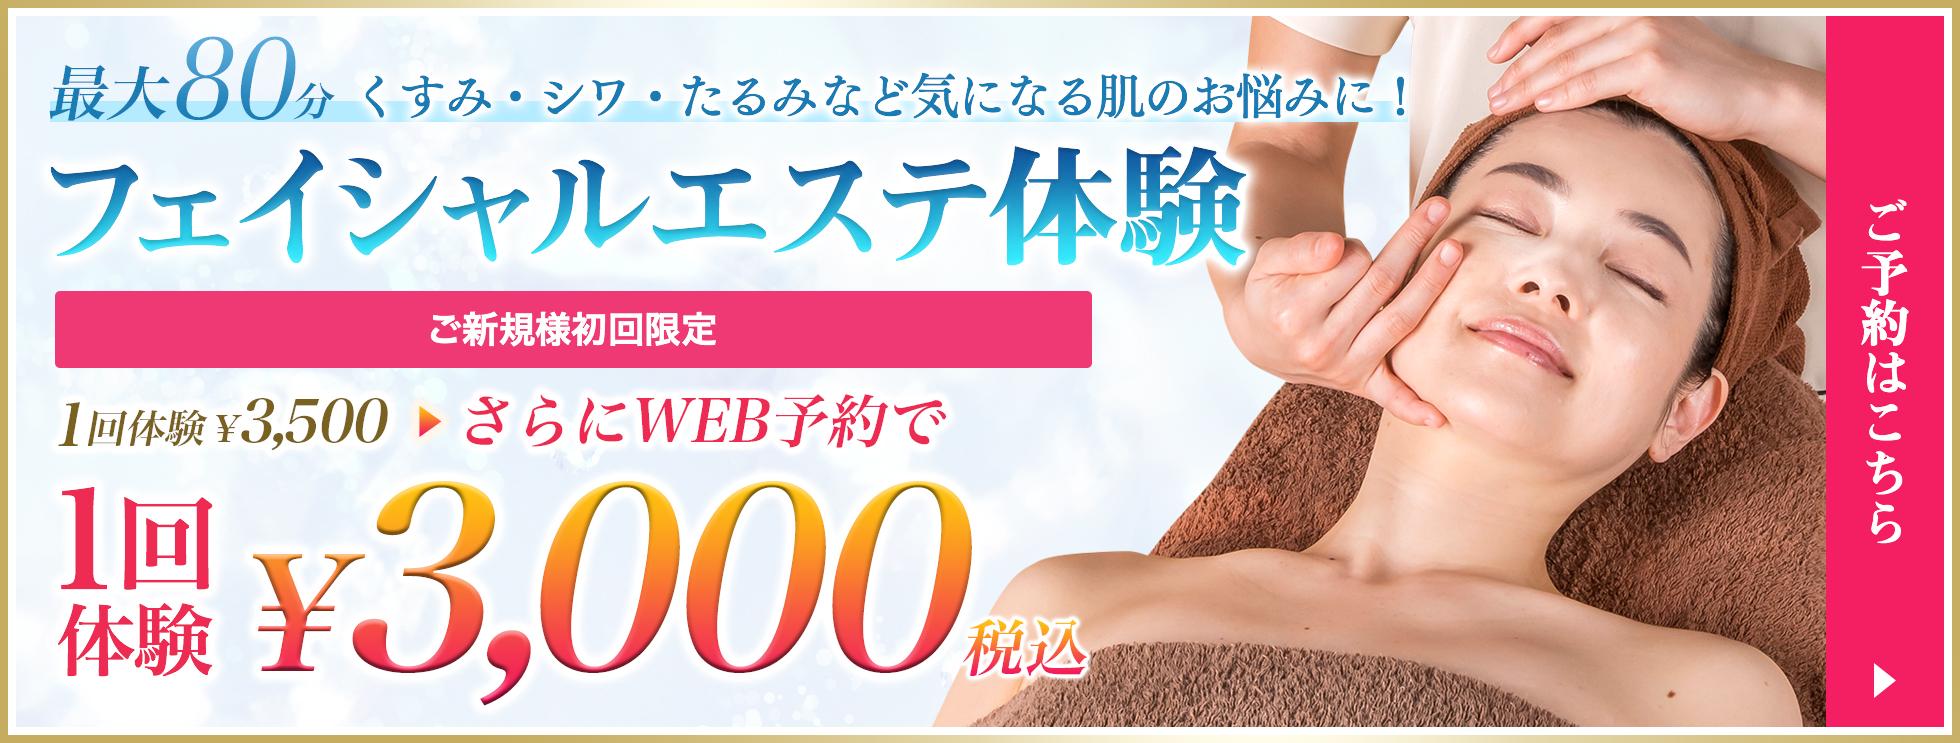 お得な3500円一回体験